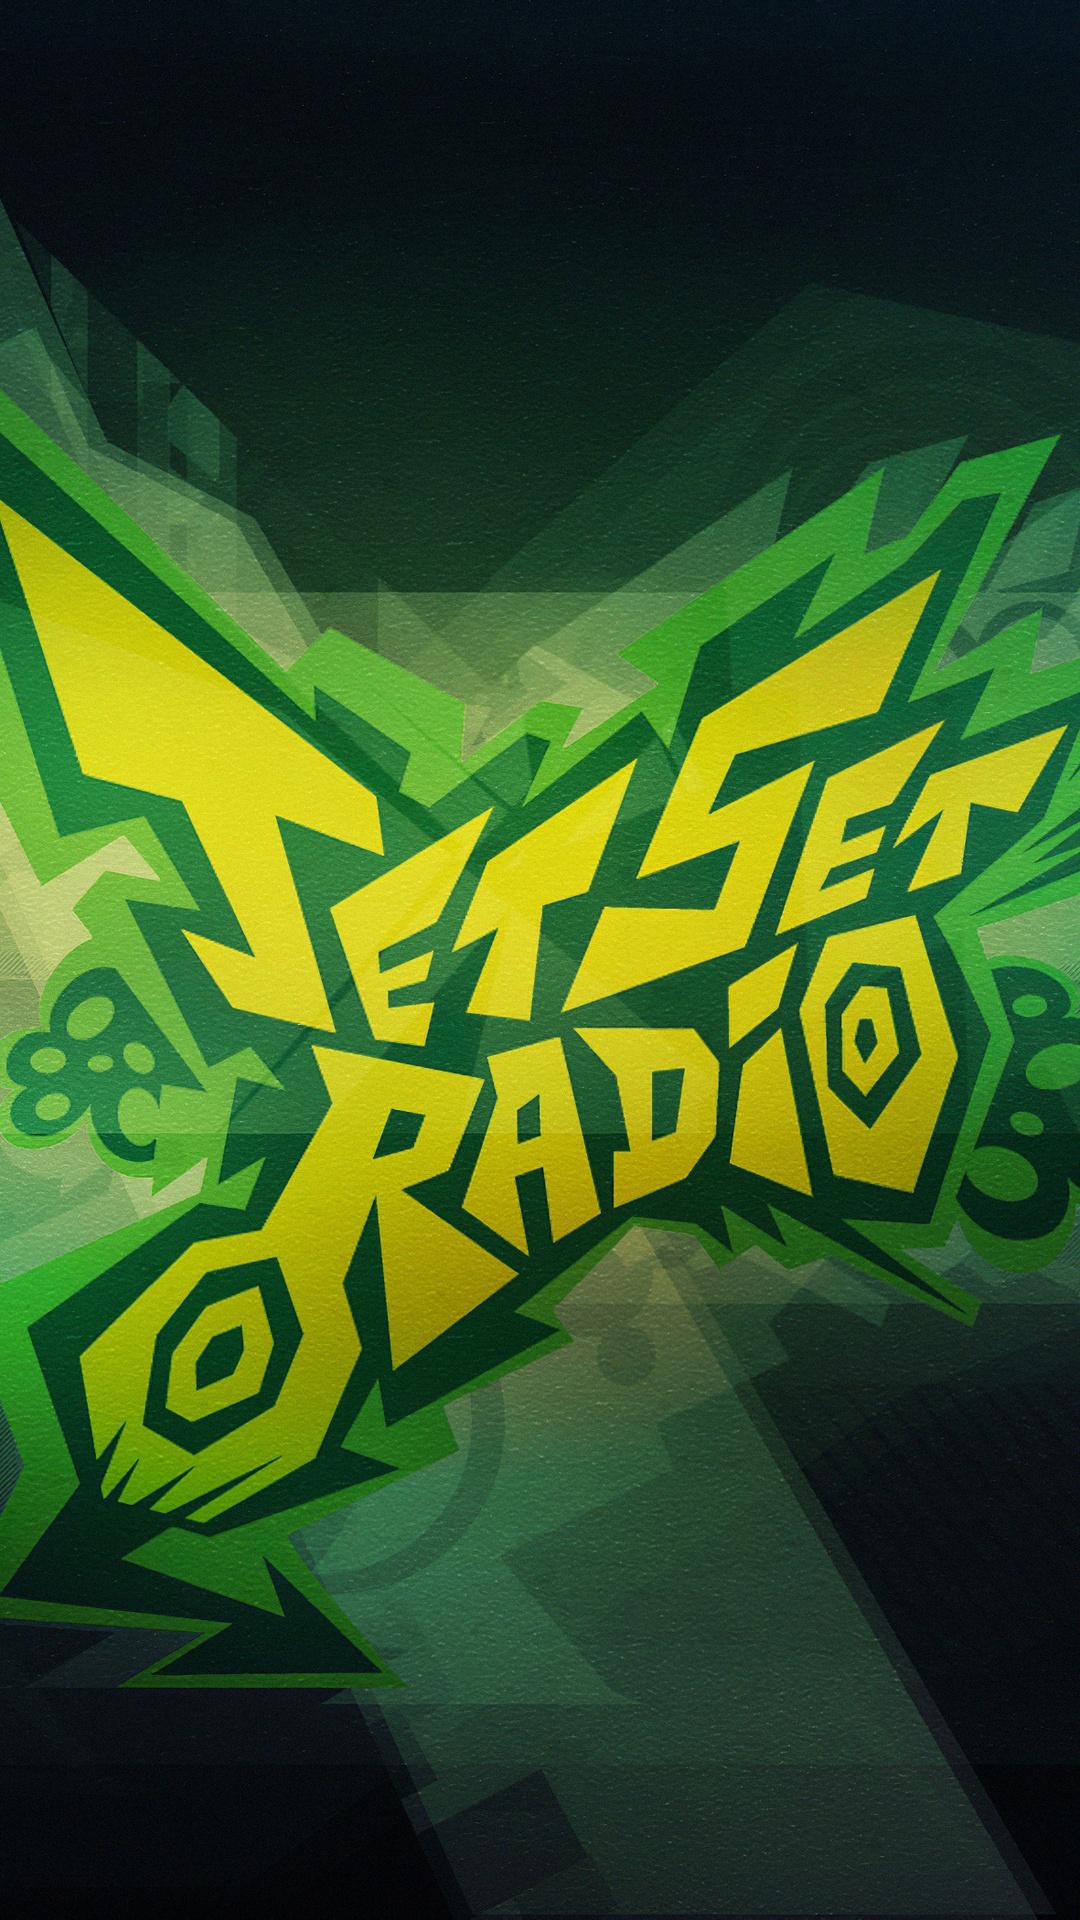 jet-set-radio-typography-4k-ag.jpg